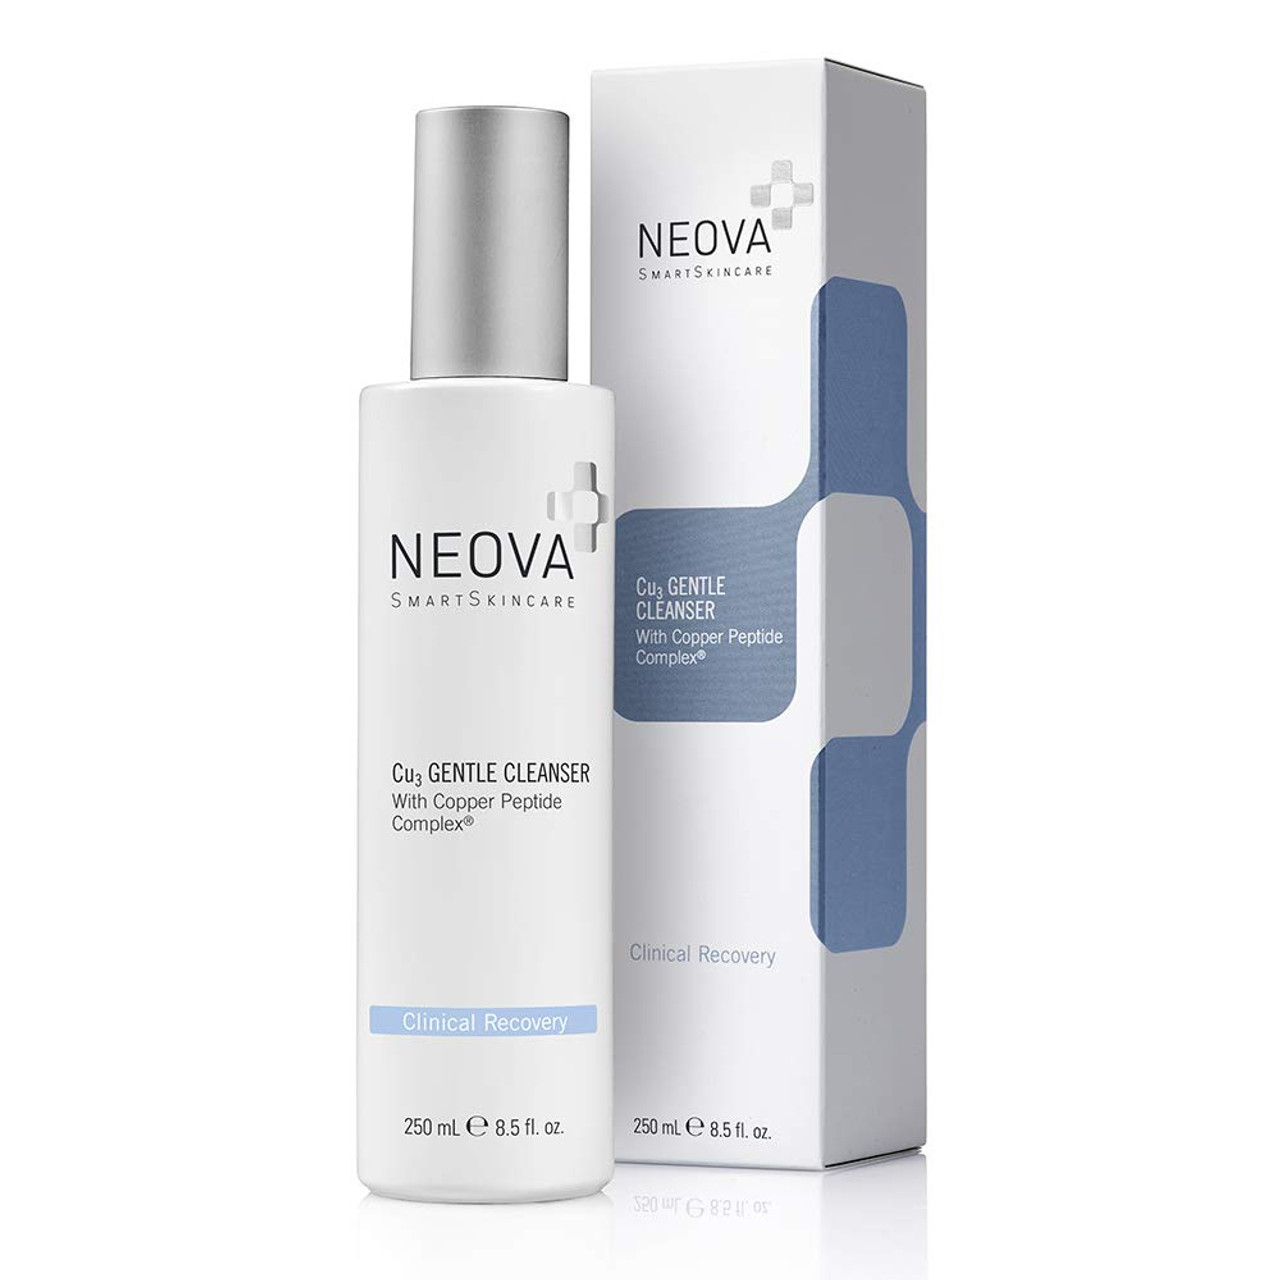 Neova Cu3 Gentle Cleanser